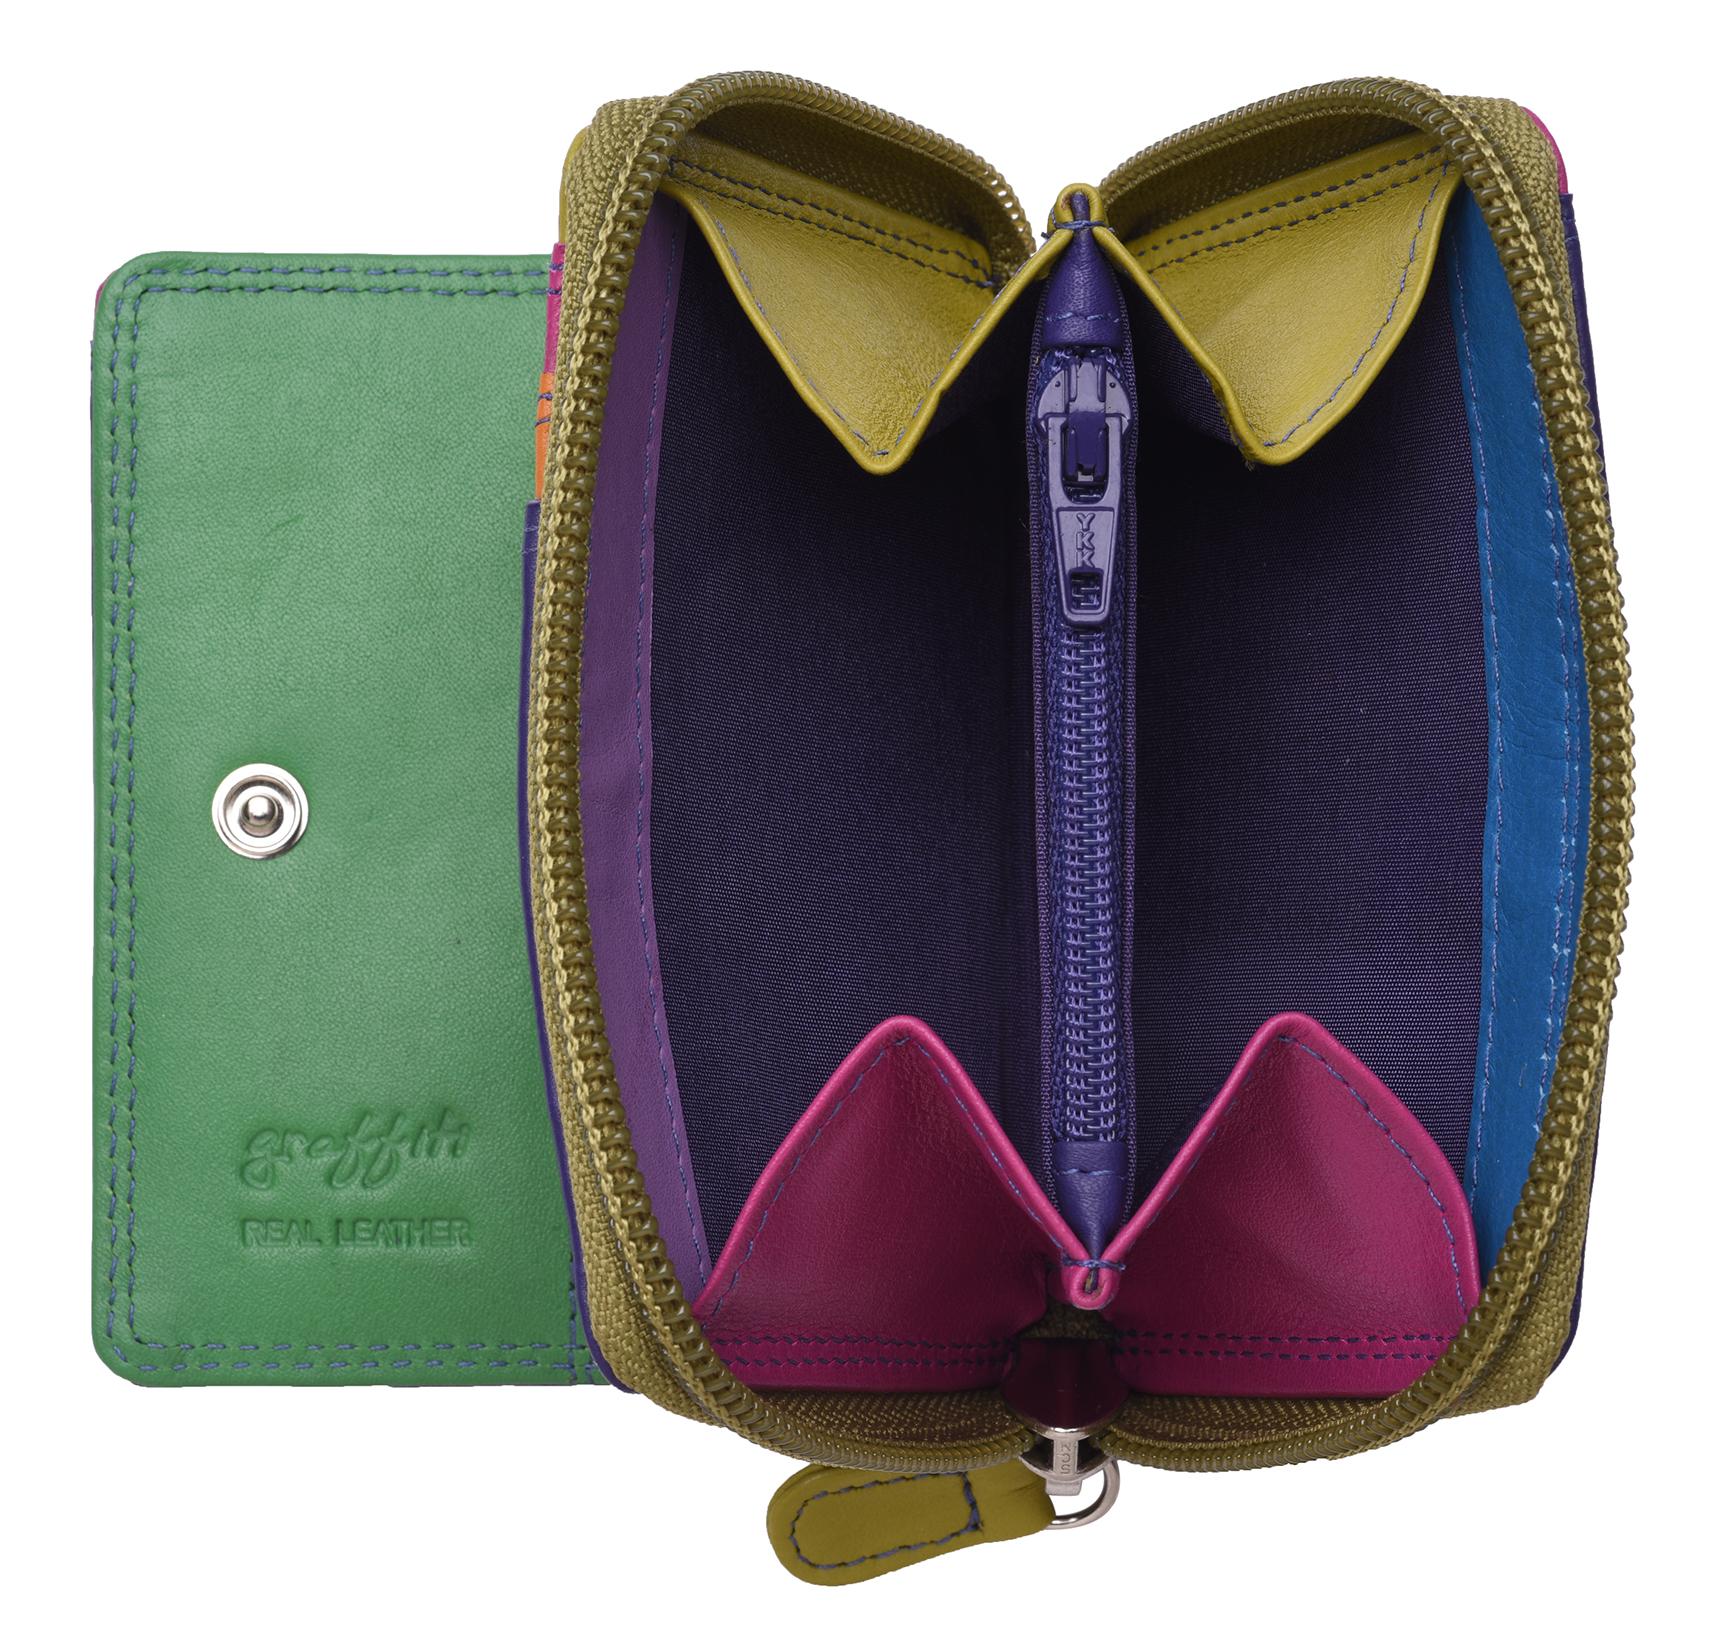 Femme-Femmes-RFID-Bloquant-en-Cuir-Veritable-Petit-Sac-a-main-portefeuille-vert-rose-rouge miniature 31